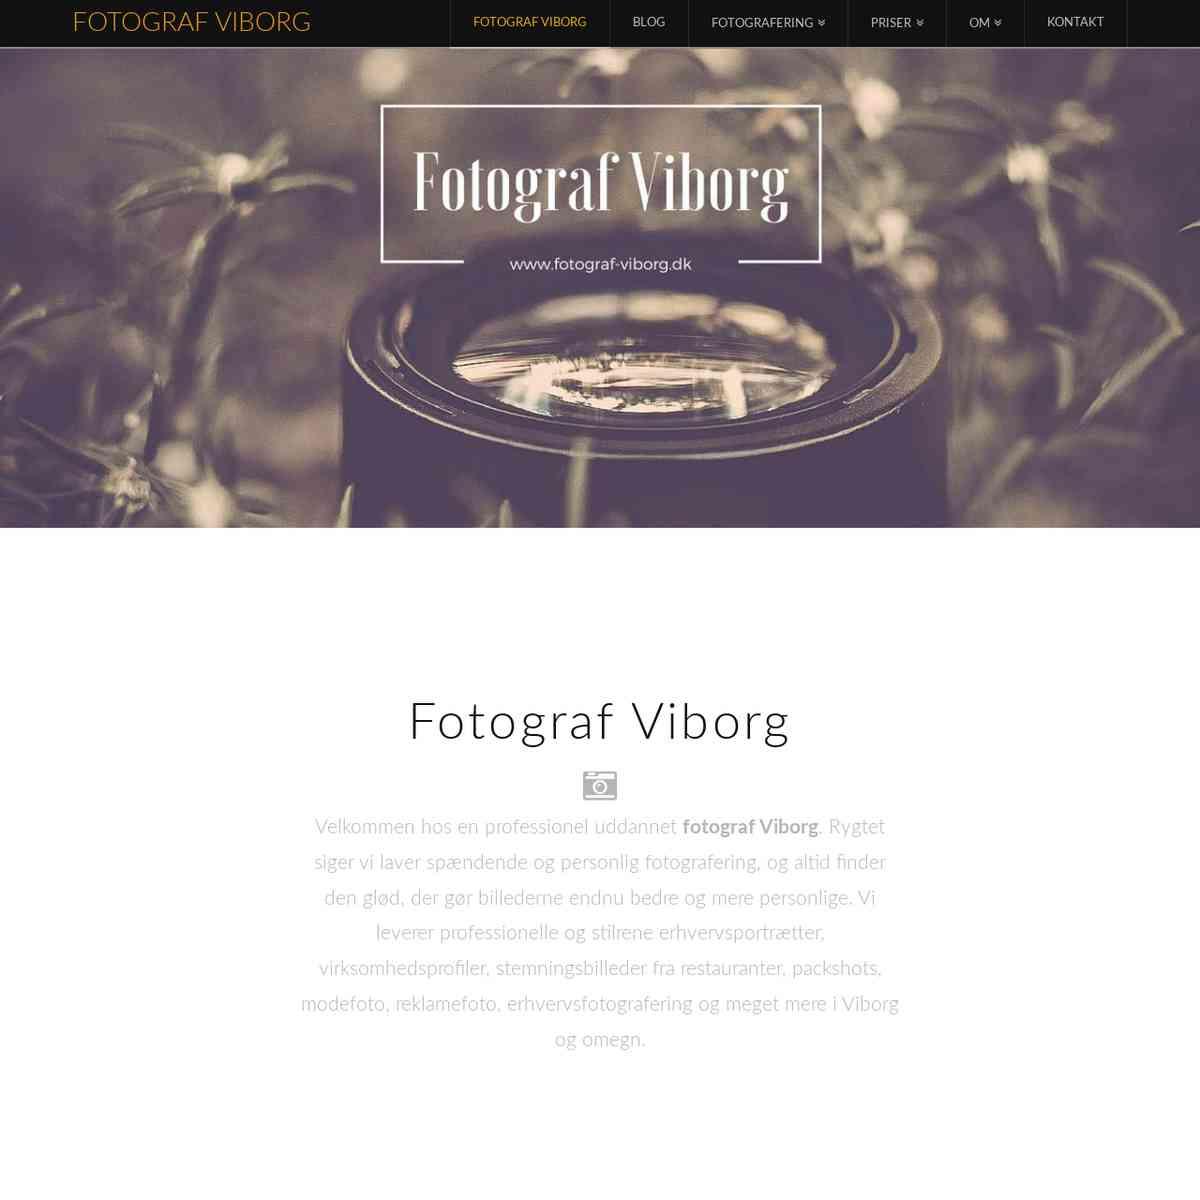 Fotograf Viborg